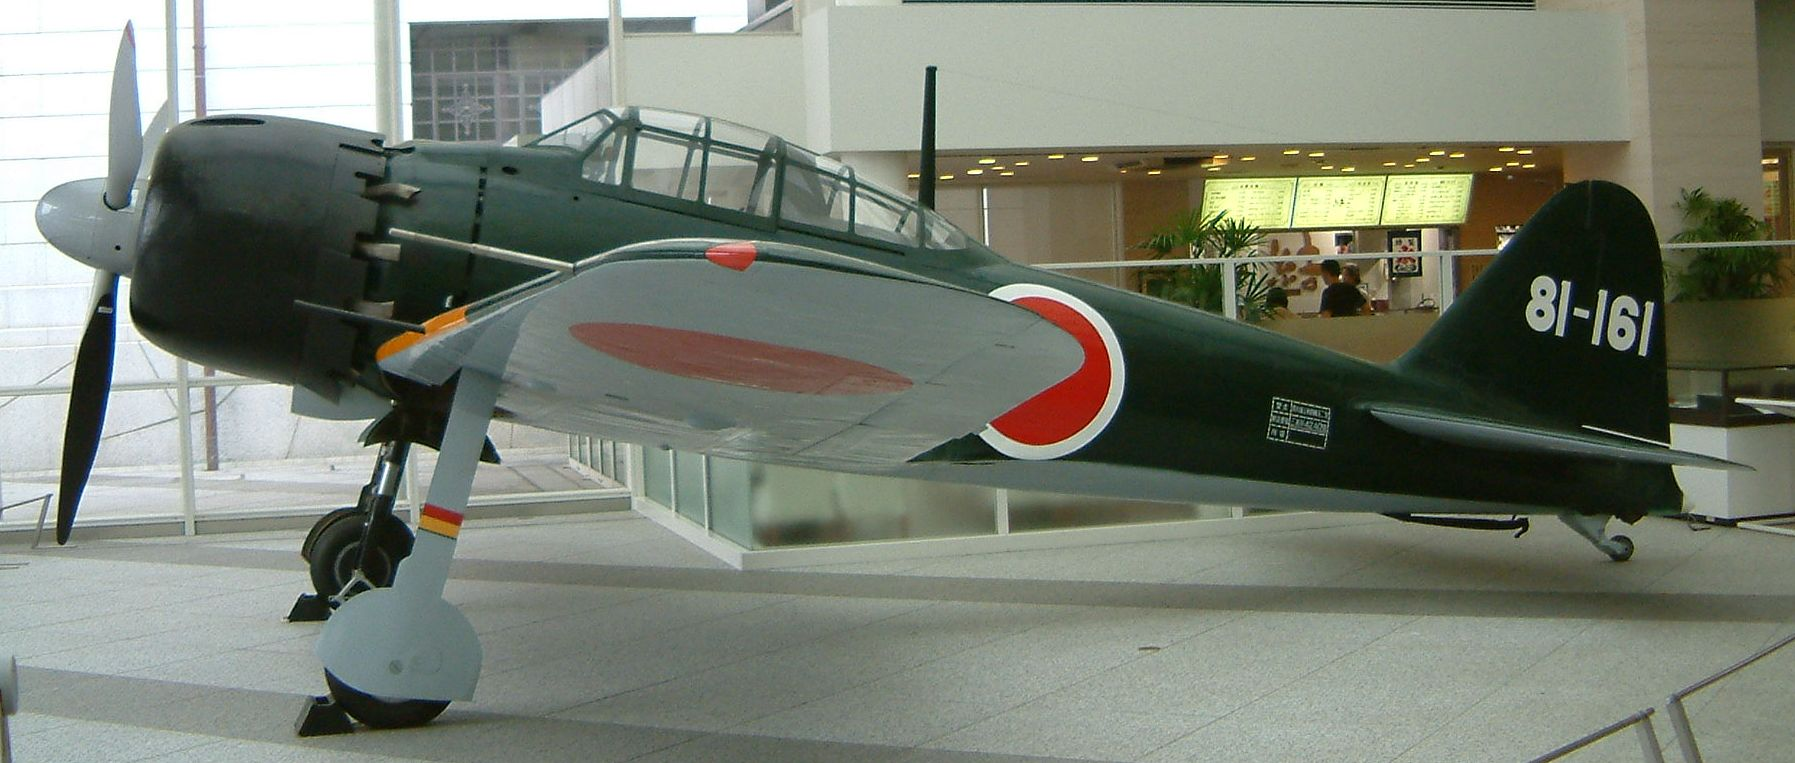 Mitsubishi A6M5 Zero JNAF 381st Kokutai 81 161 preserved 01